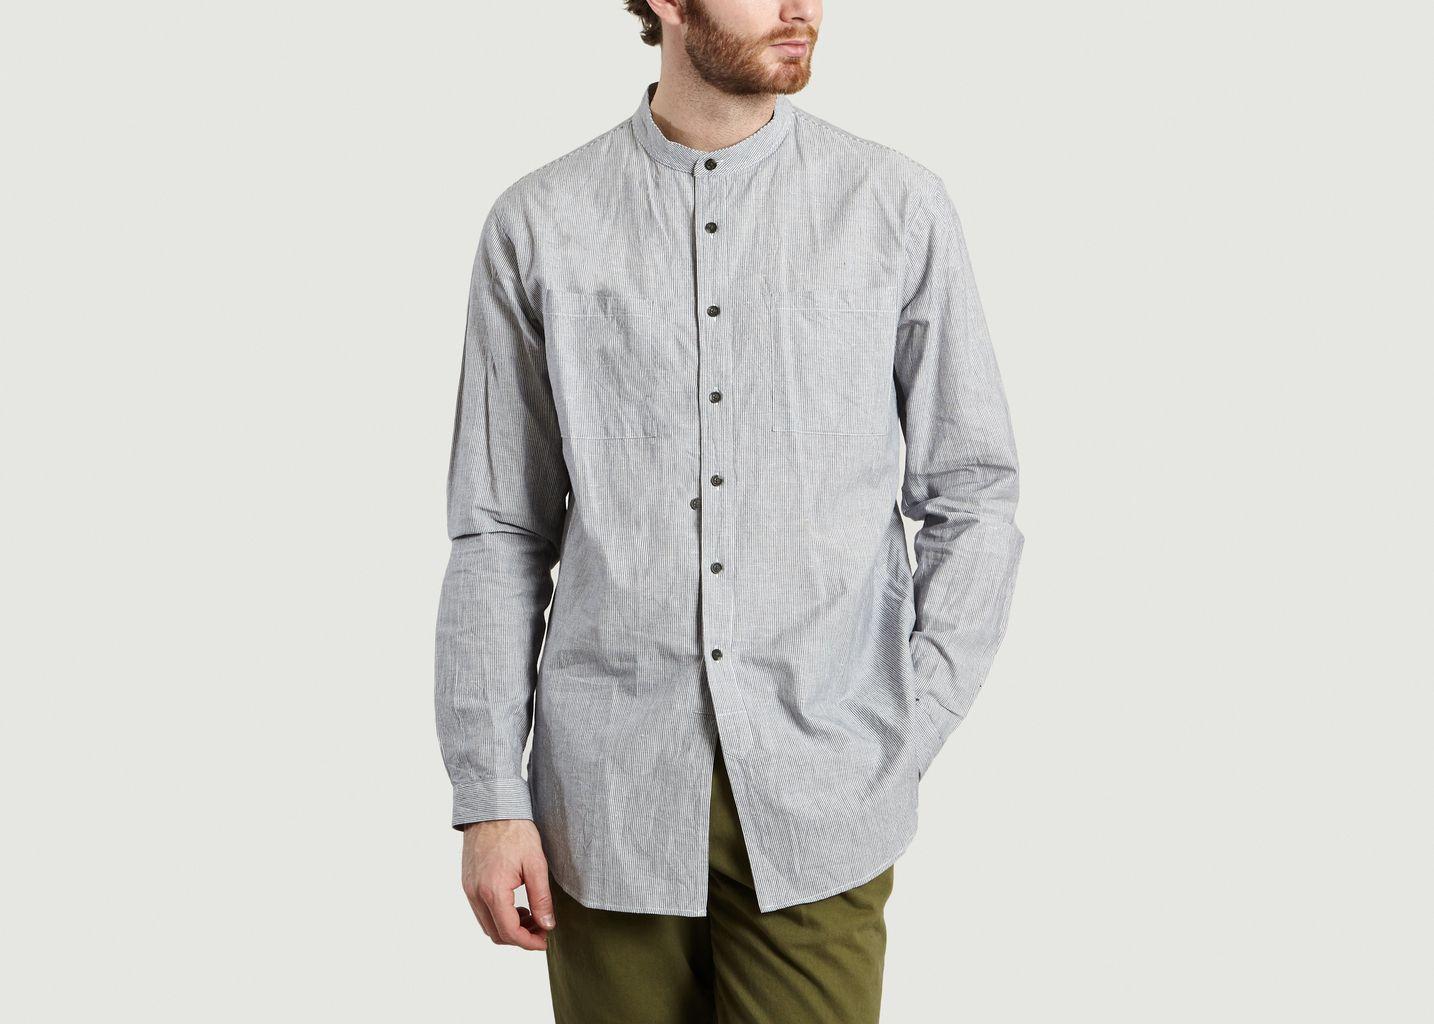 Revol Shirt - Loreak